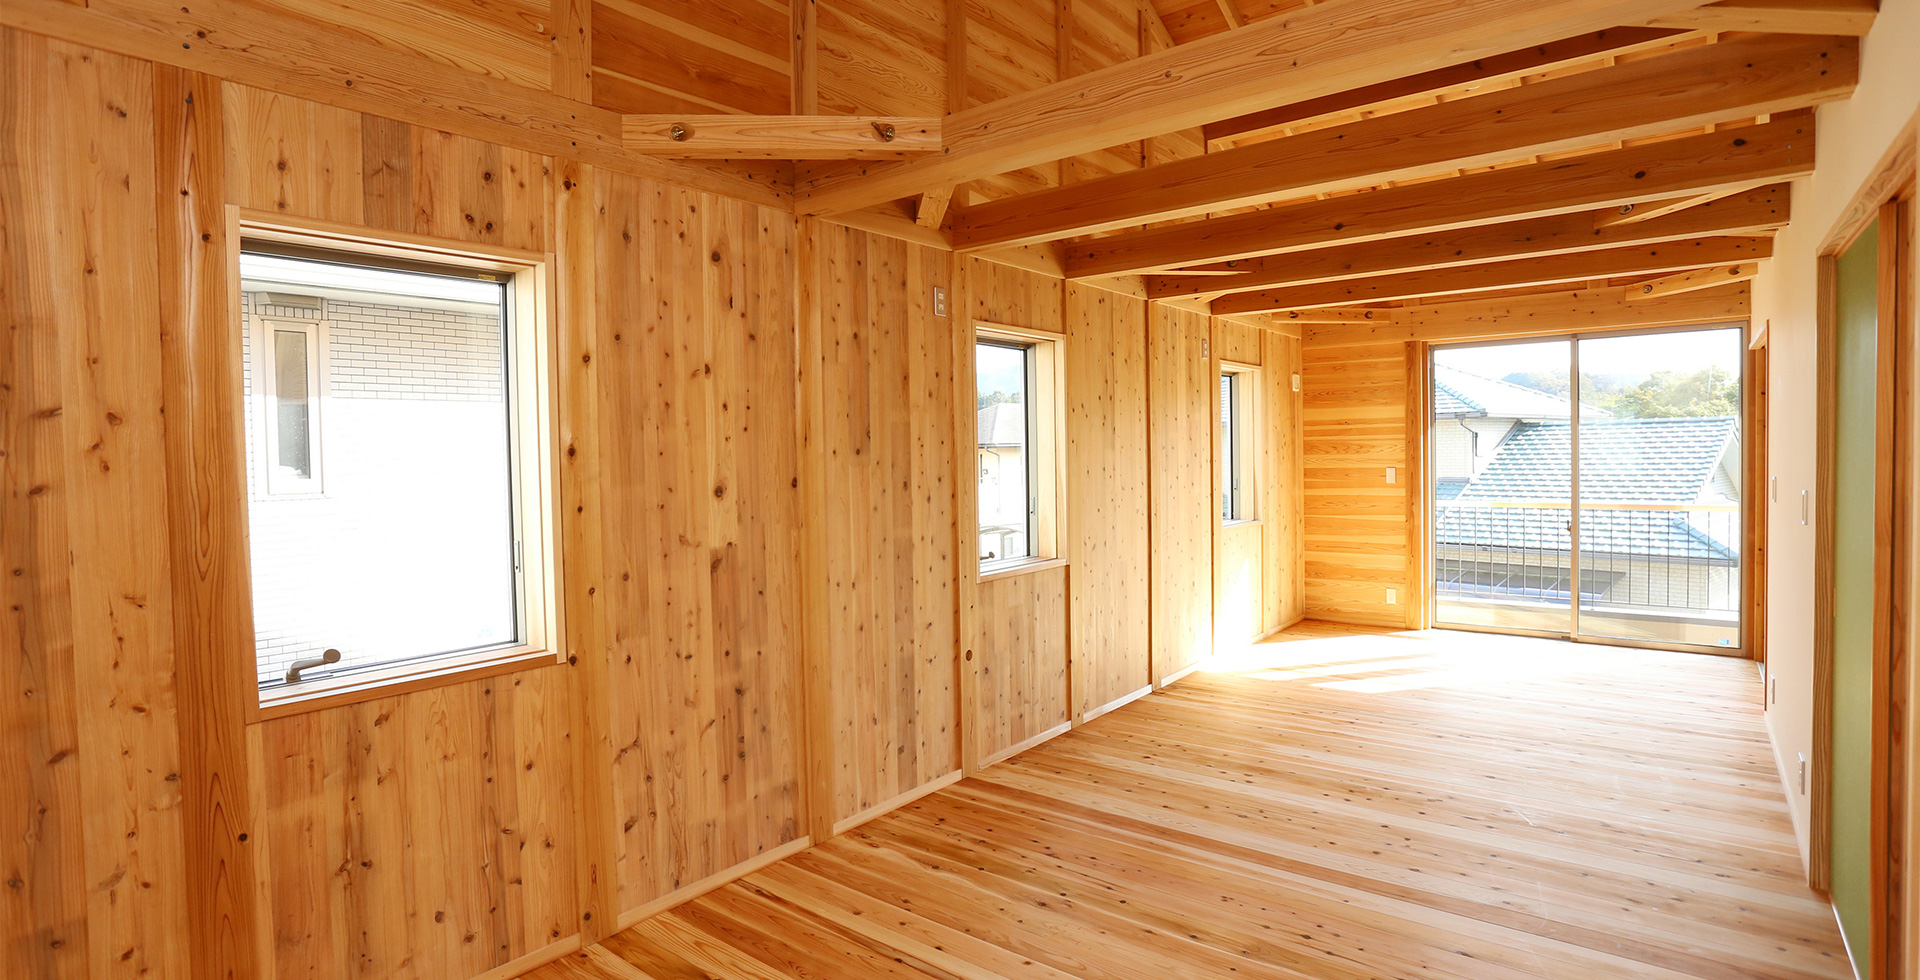 Biesse per l'housing: Fotoğraf 2